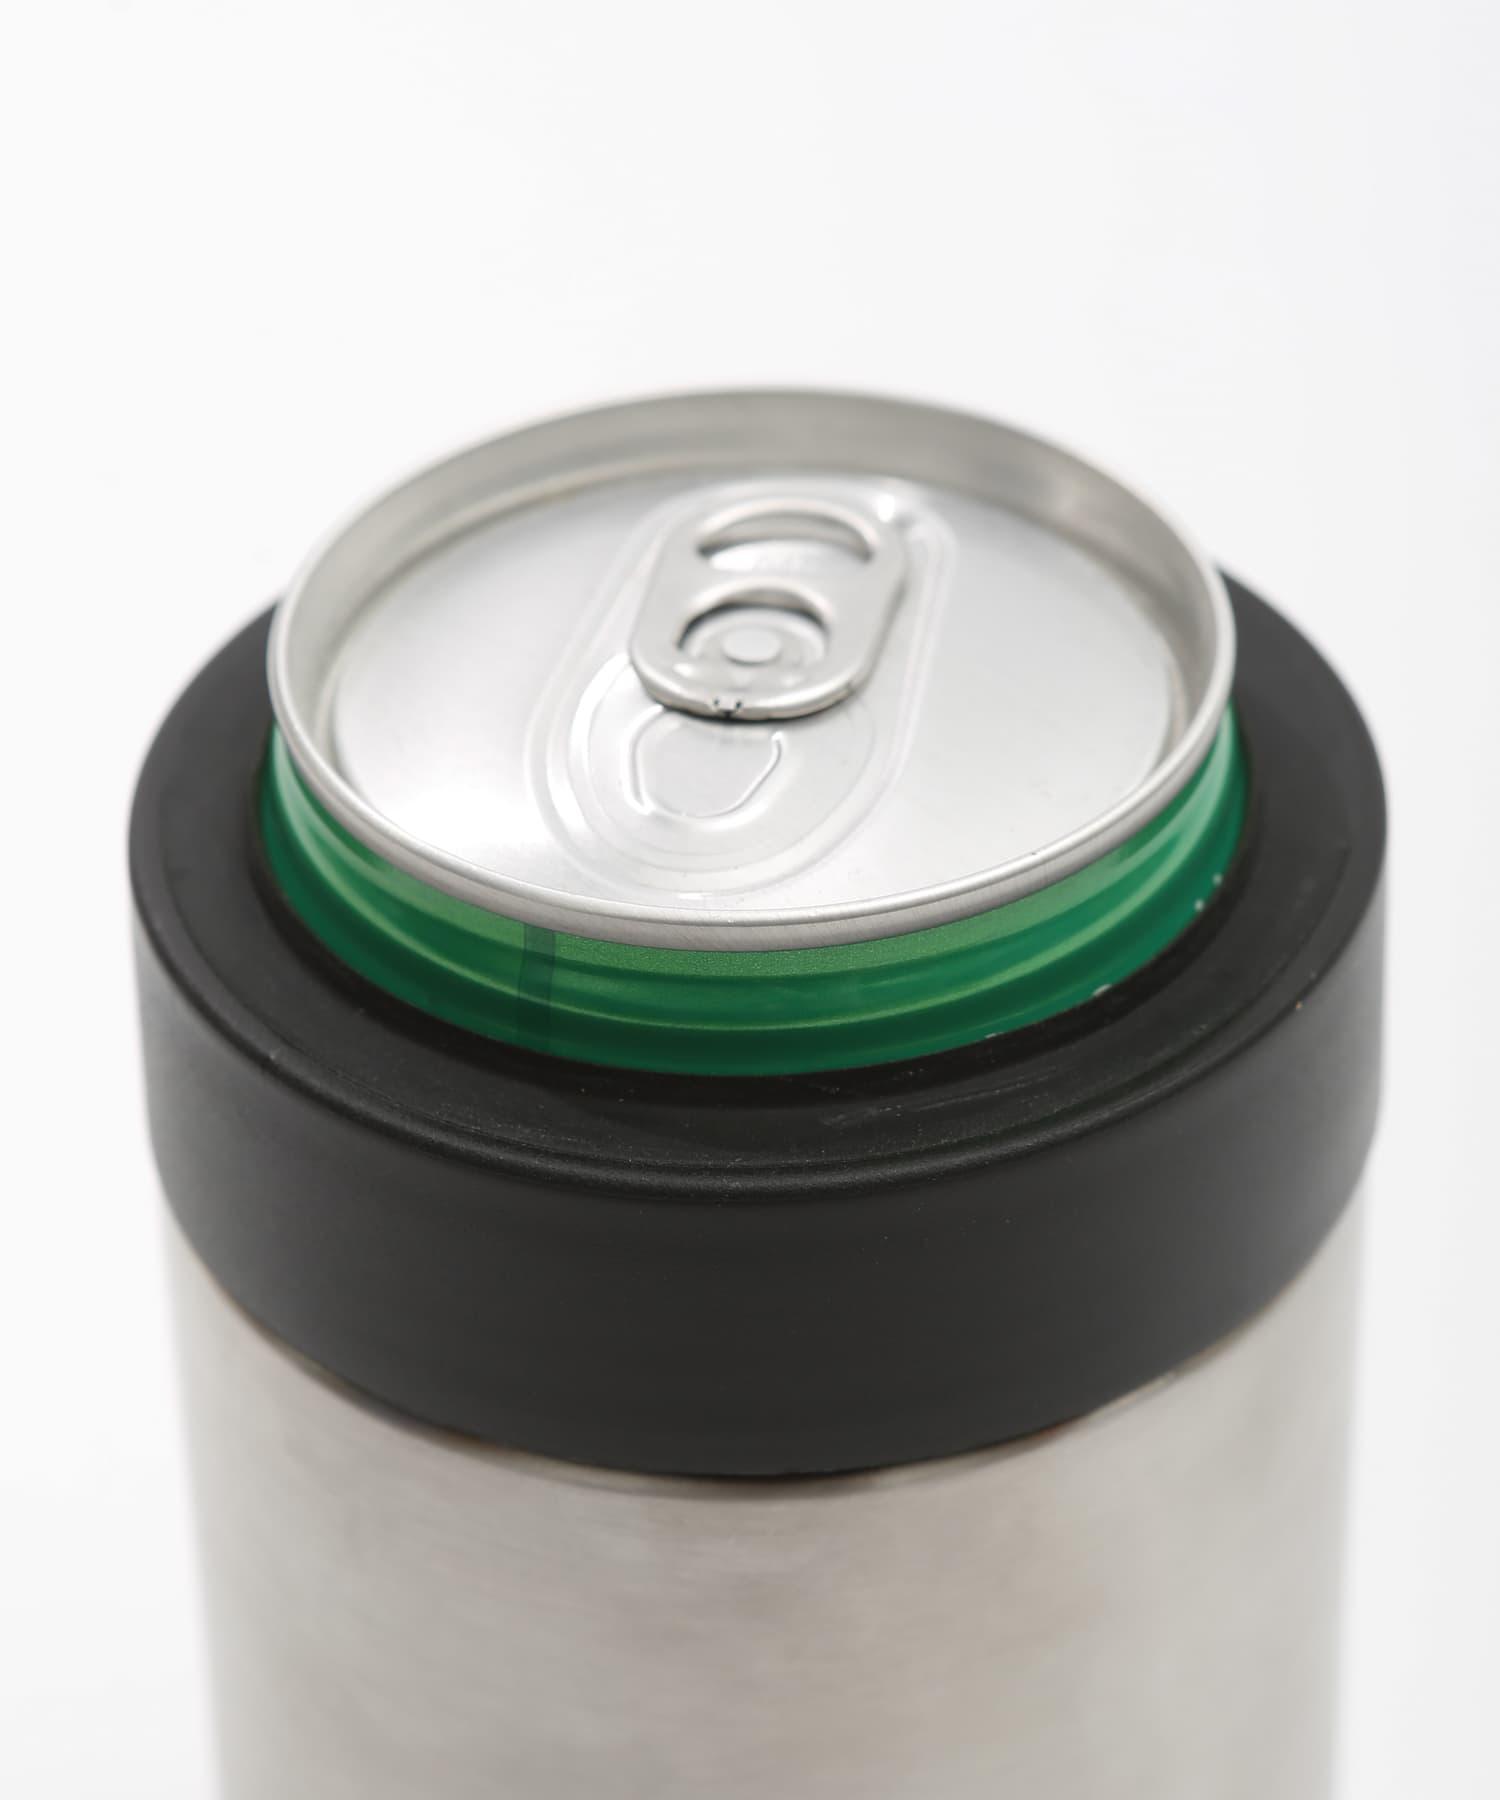 3COINS(スリーコインズ) 【揃えて本格アウトドア!】保冷缶タンブラー350ml用